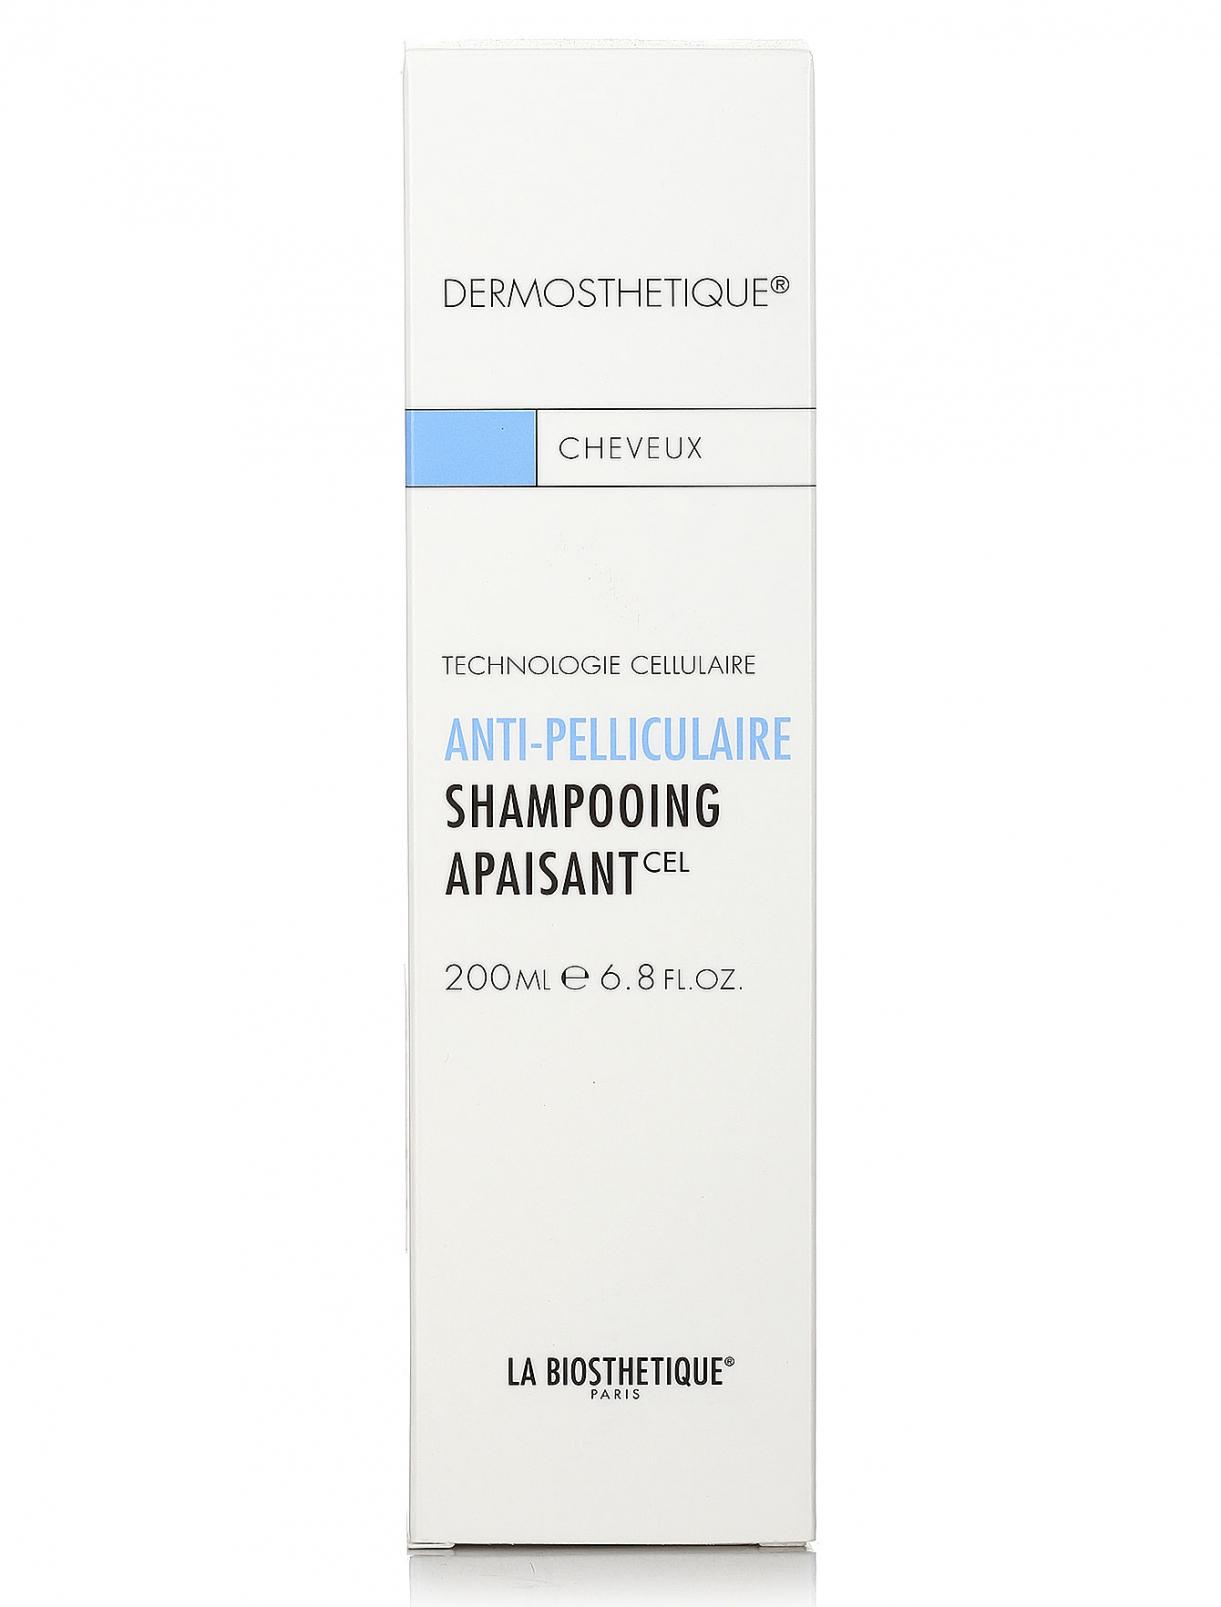 Шампунь Dermosthetique против перхоти - Hair Care, 200ml La Biosthetique  –  Модель Общий вид